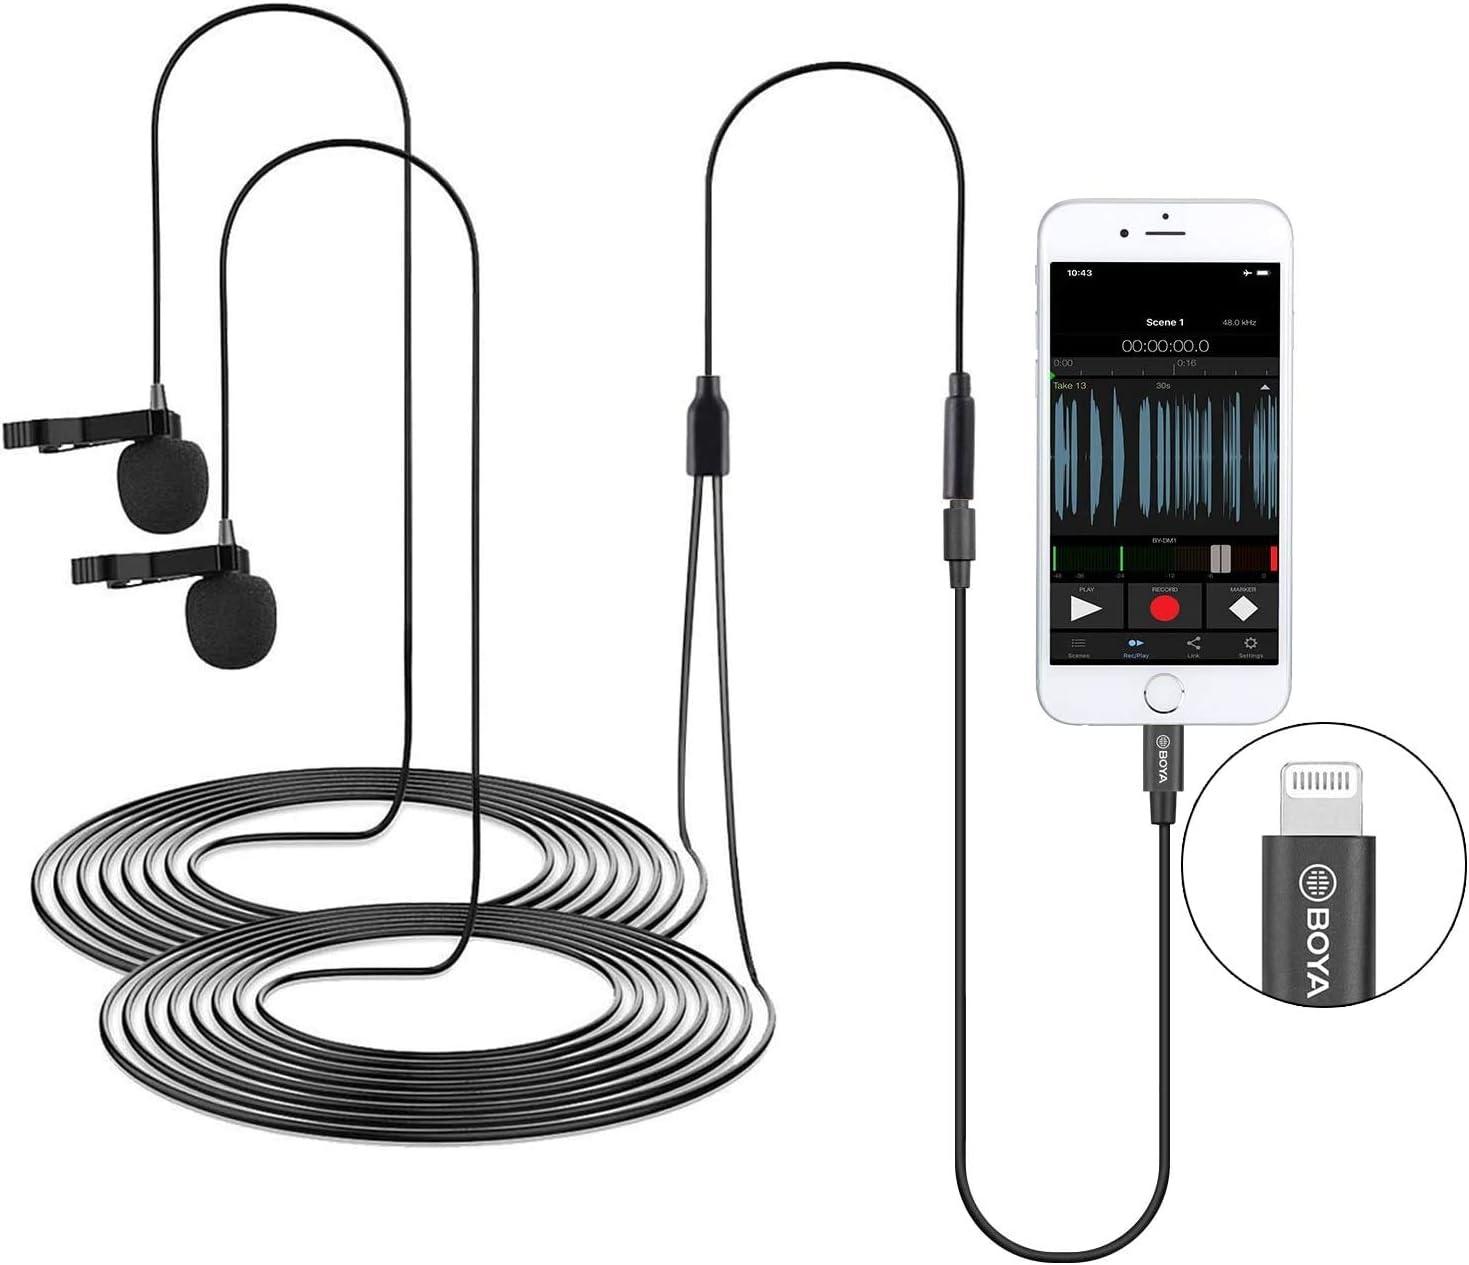 Boya By M2d Digitale Omnidirektionale Lavalier Doppelkopfmikrofone Kompatibel Mit Iphone Ipad Und Ipod Touch Ios Geräten Bürobedarf Schreibwaren